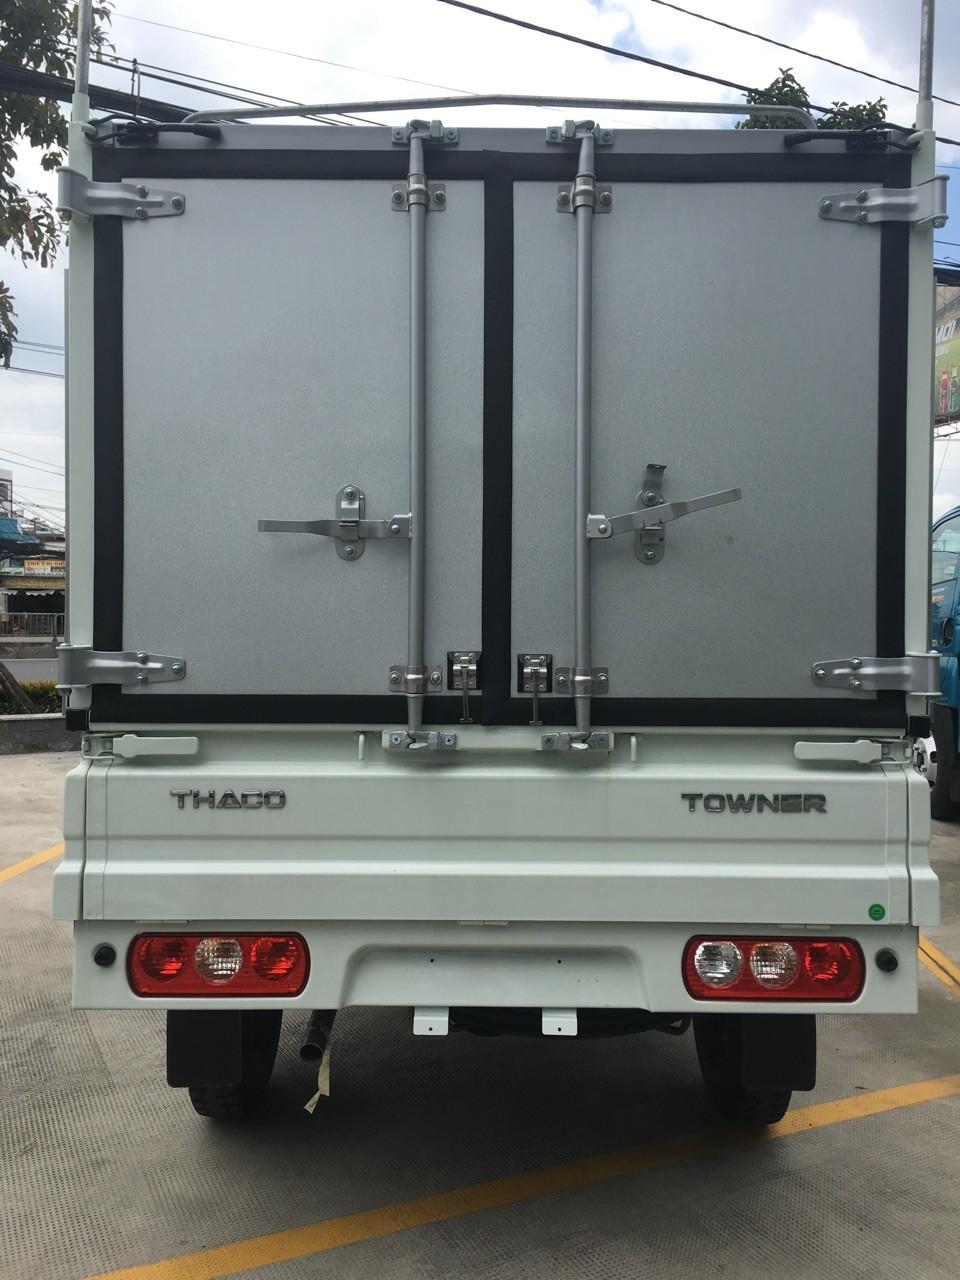 Cần bán Thaco TOWNER sản xuất 2018, màu trắng giá cạnh tranh